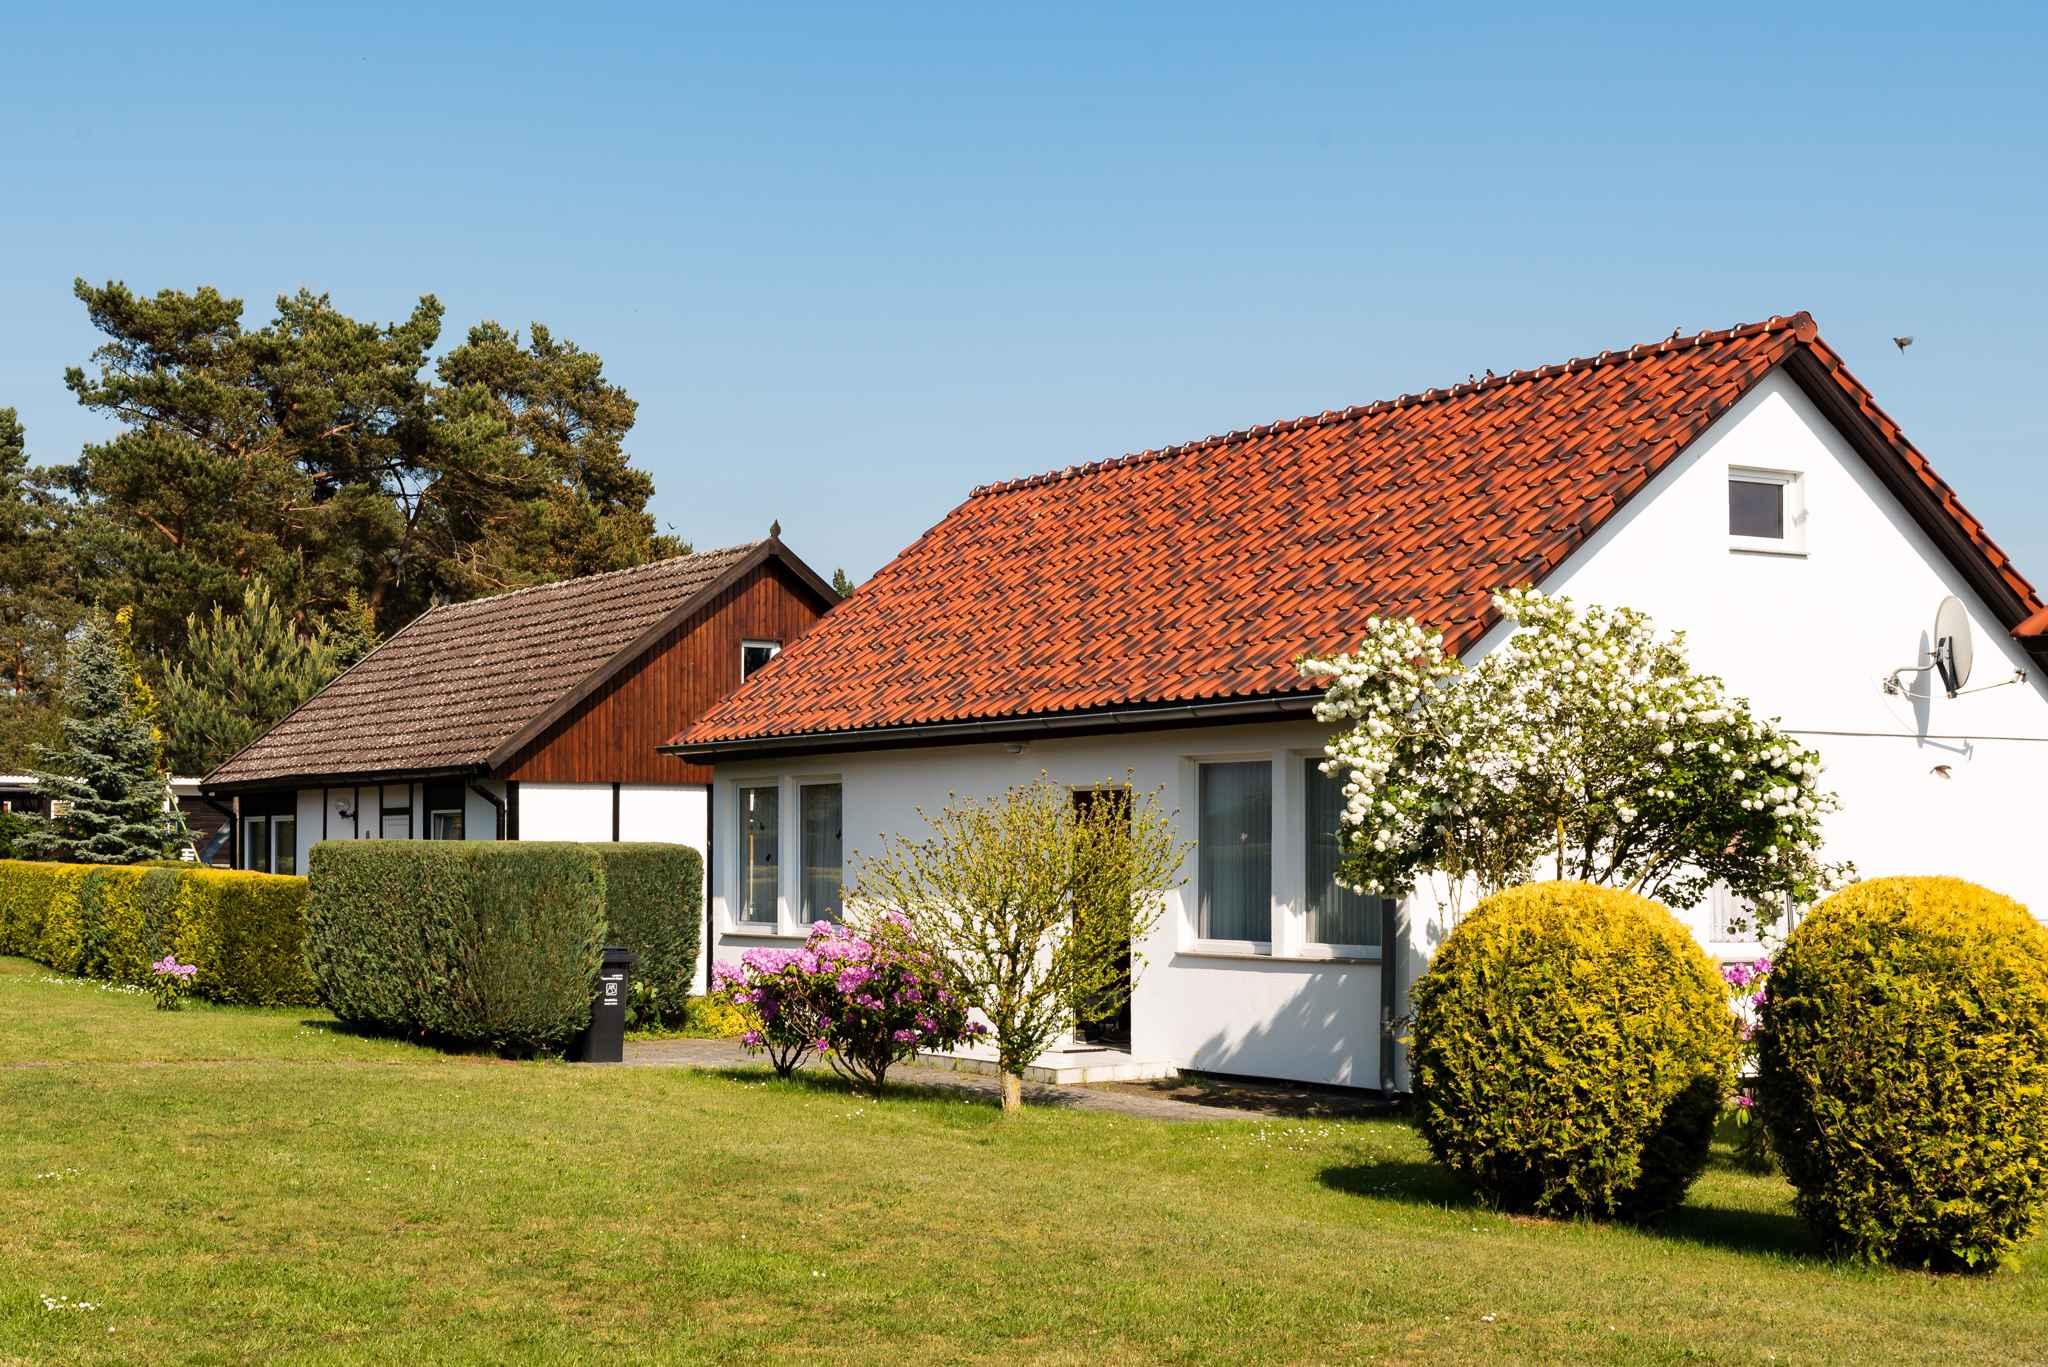 Ferienhaus Bungalow mit Terrasse und Garten (356789), Fuhlendorf, Ostseeküste Mecklenburg-Vorpommern, Mecklenburg-Vorpommern, Deutschland, Bild 14